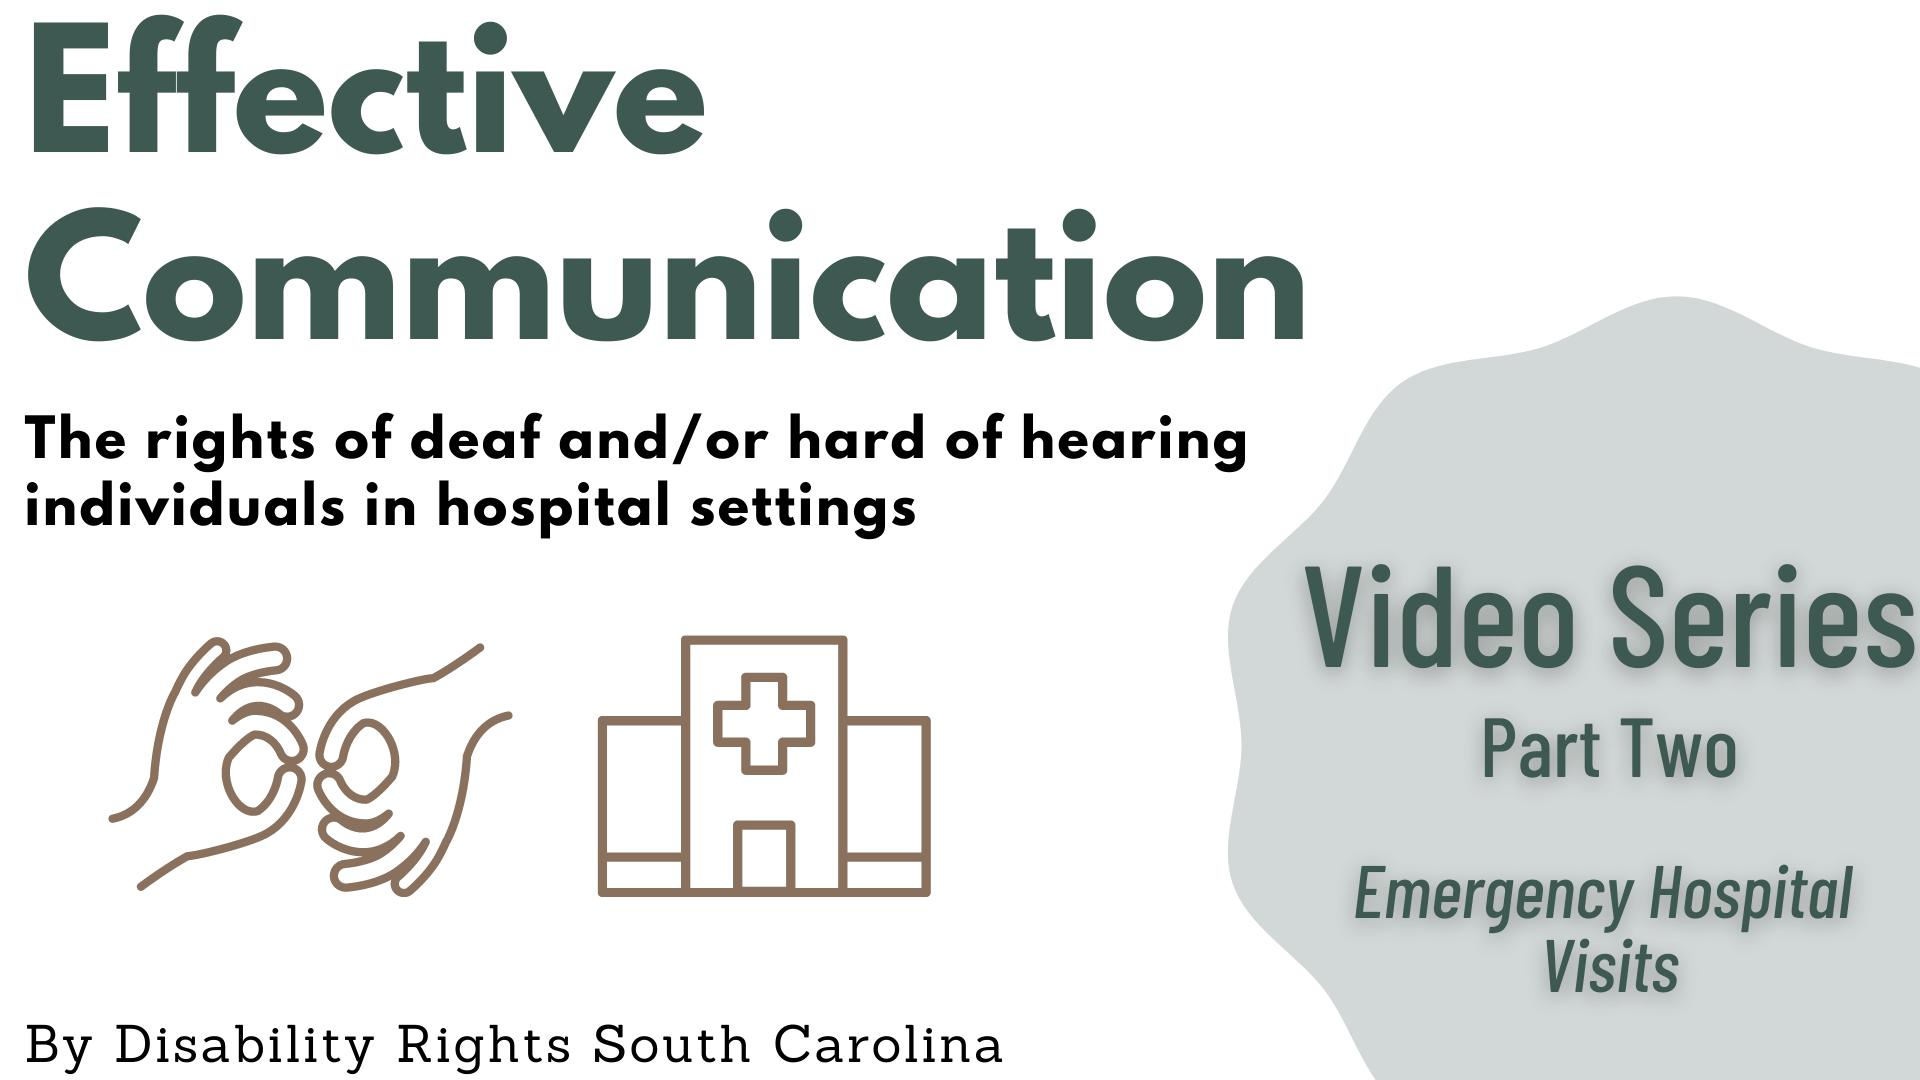 Effective Communication part 2